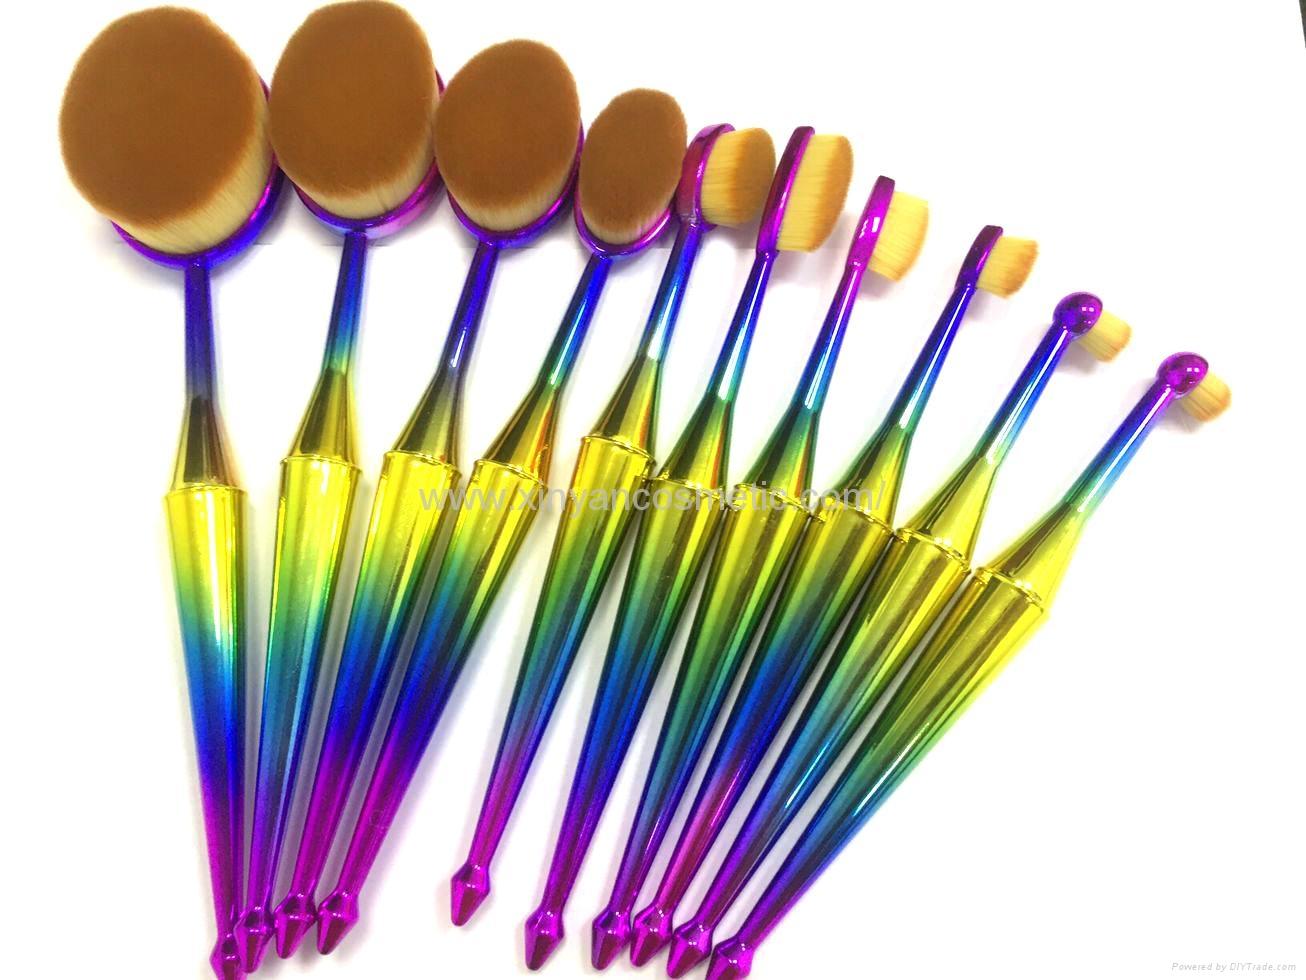 厂家供应美人鱼柄10支多功能化妆刷 美容美妆工具 化妆套扫